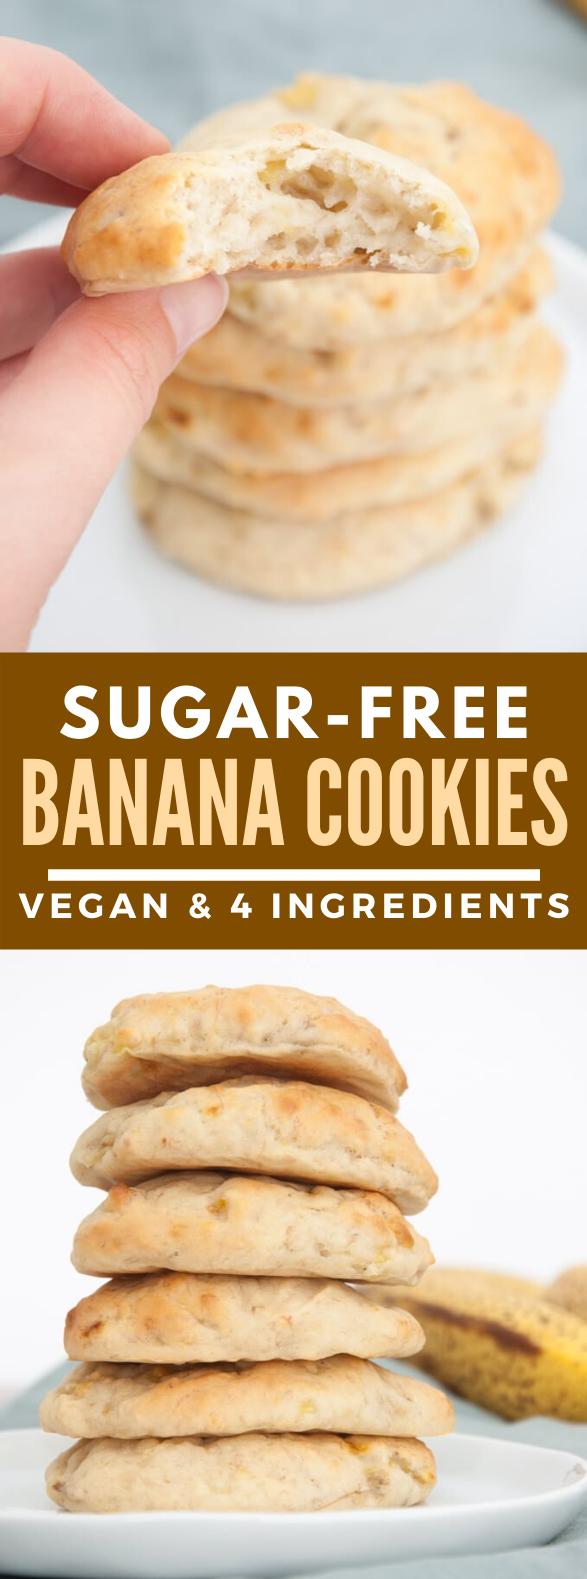 SUGAR-FREE BANANA COOKIES #dessert #vegan